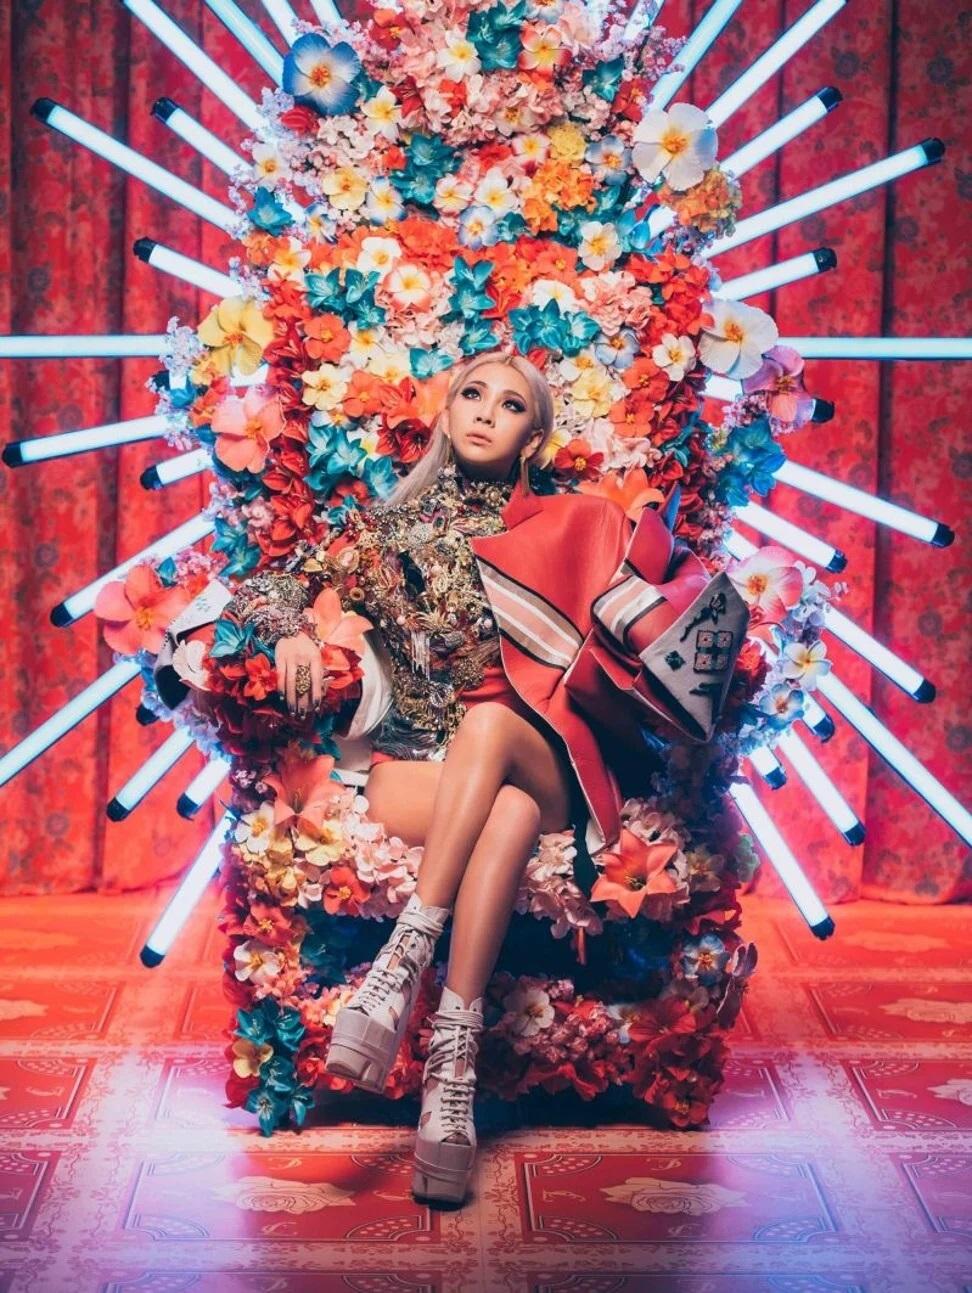 CL chật vật tìm lại danh tiếng khi theo đuổi sự nghiệp solo sau khi rời công ty quản lý YG.